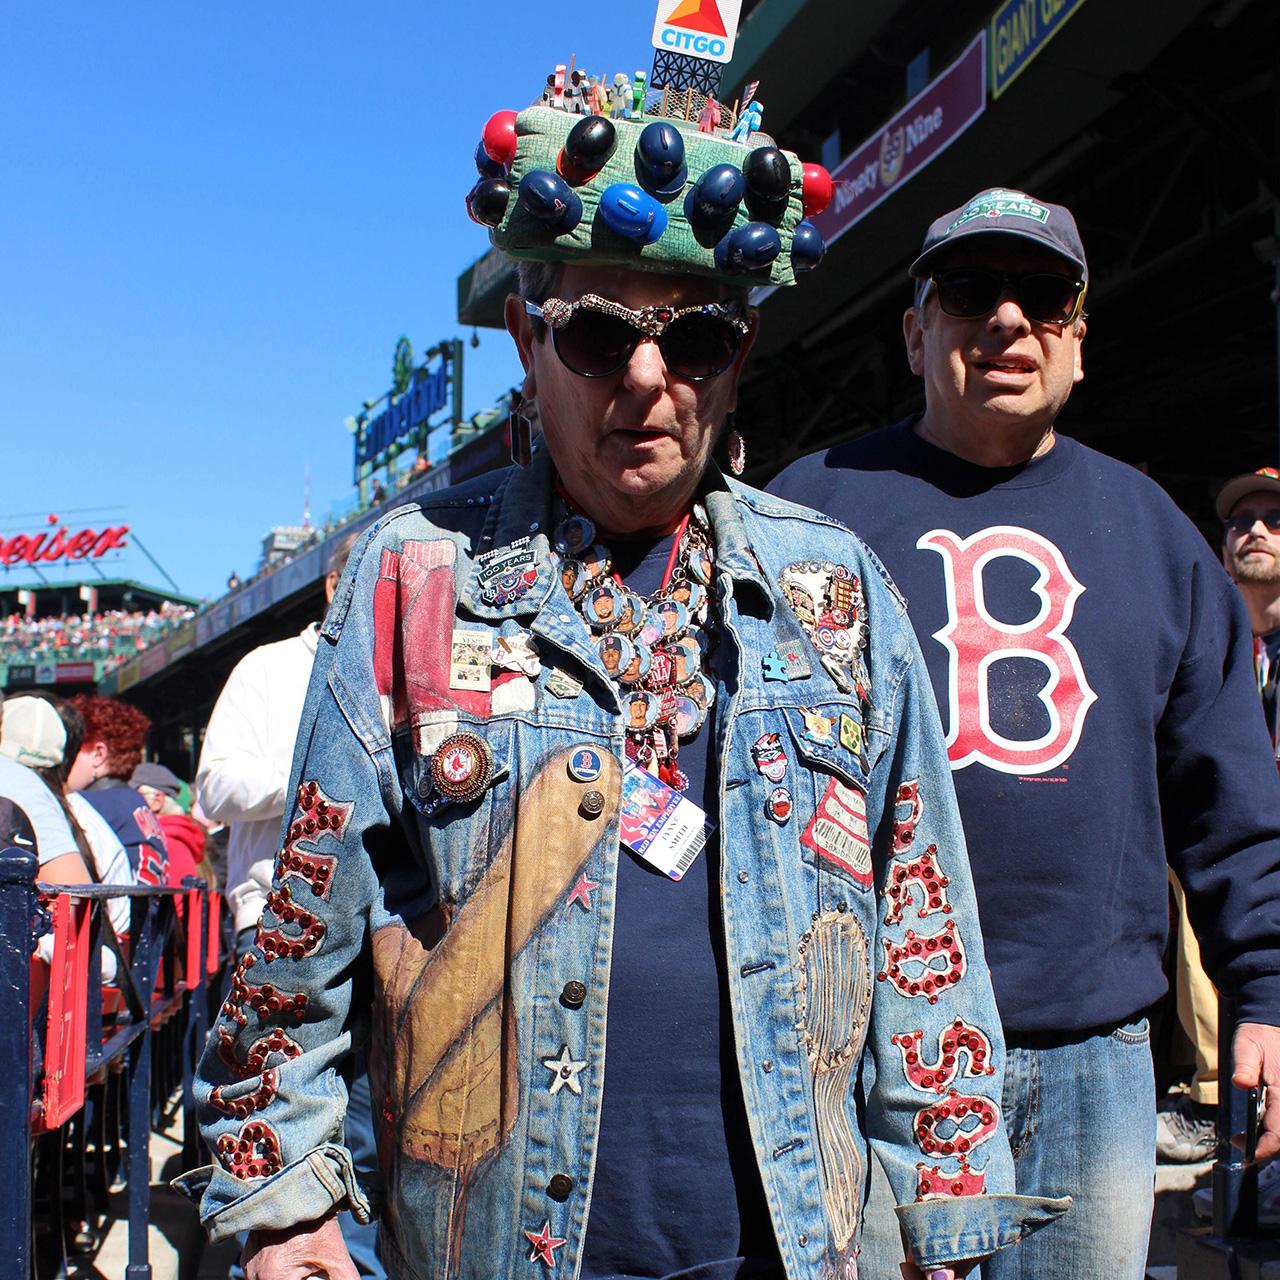 Boston fan